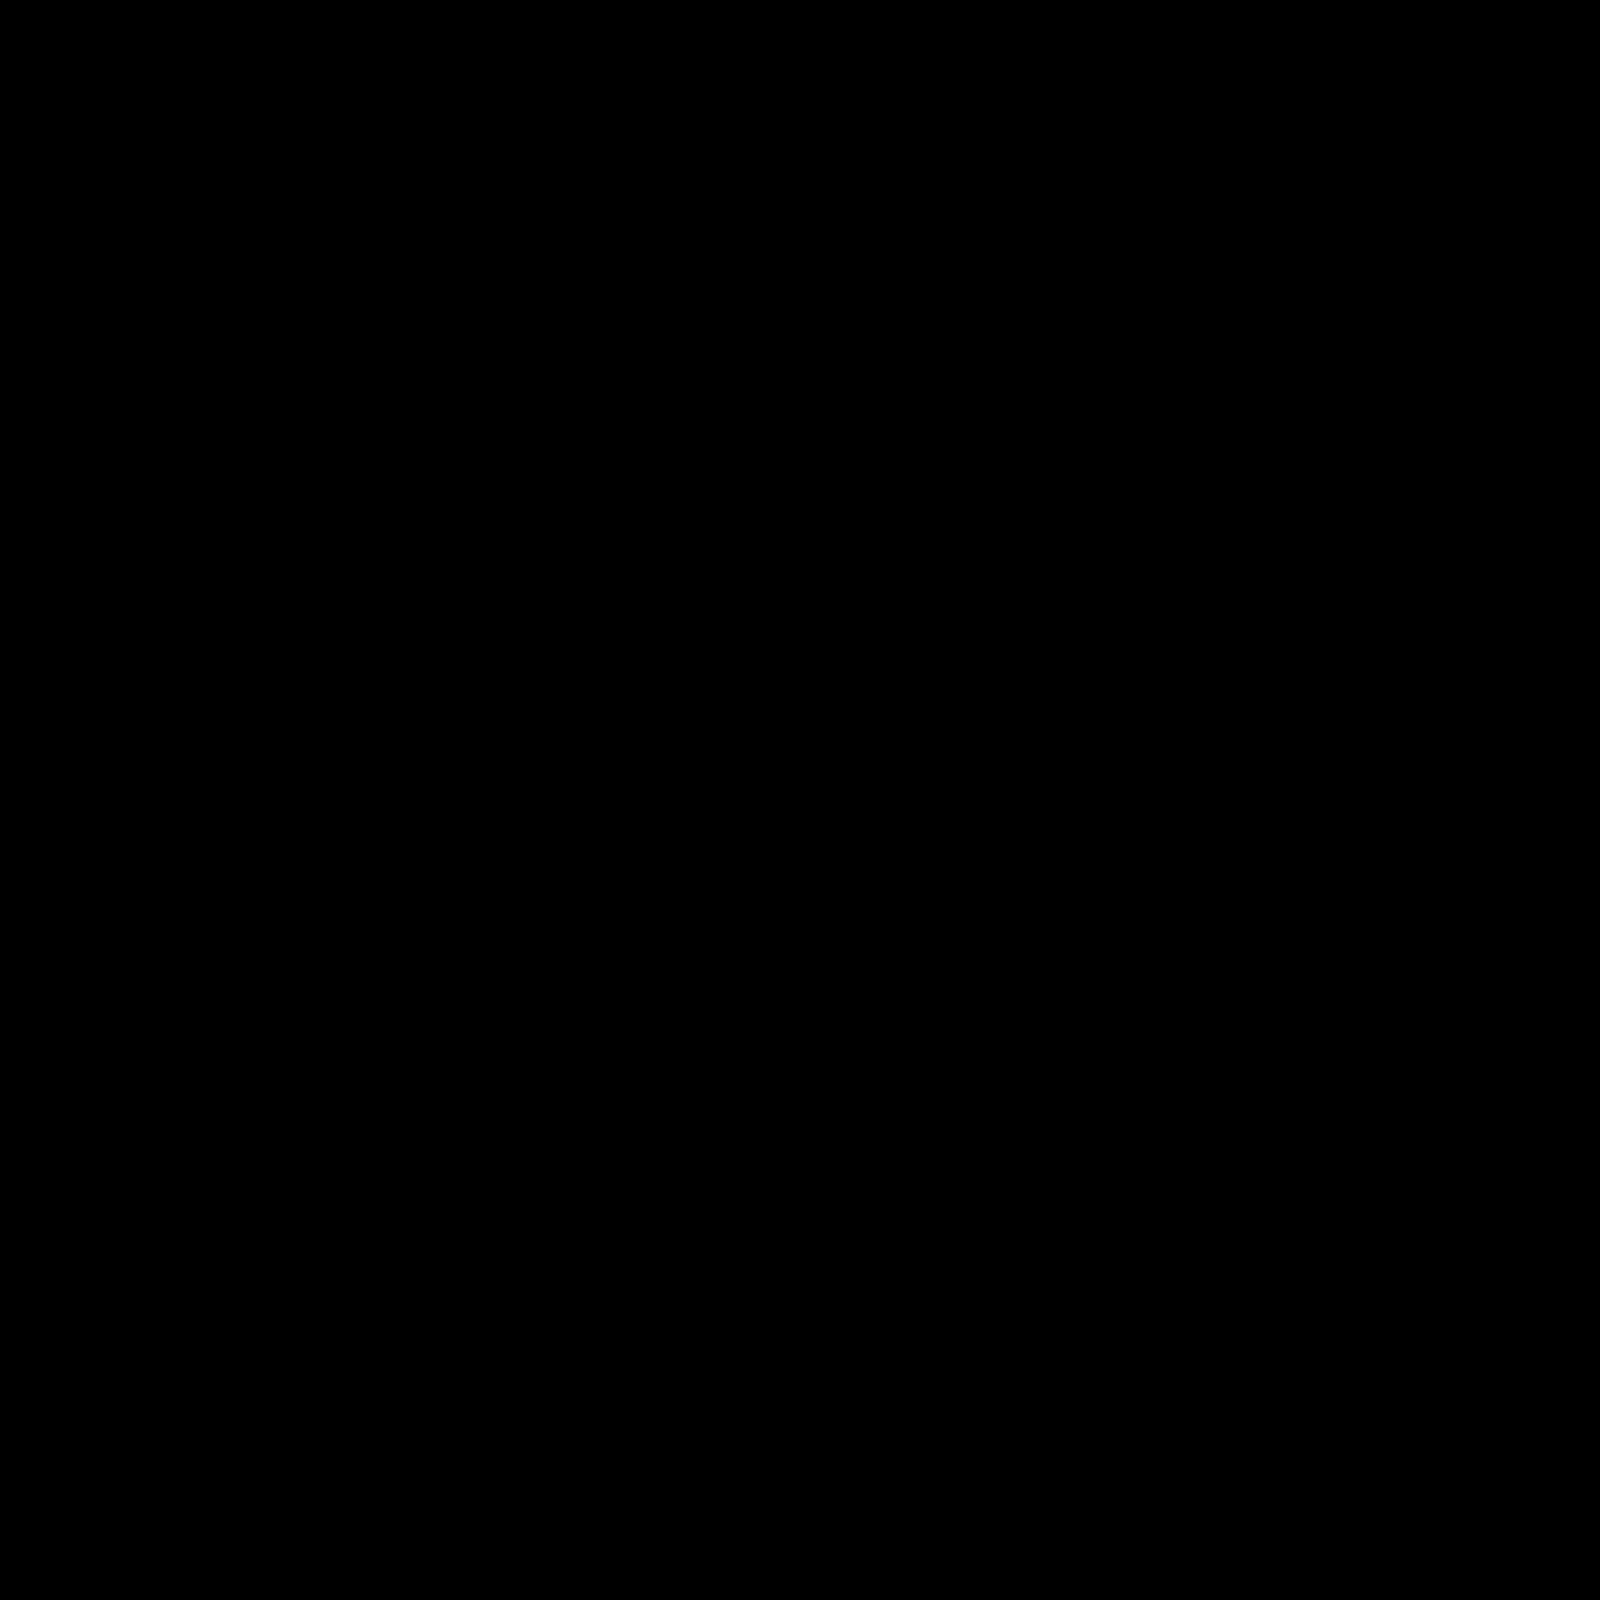 Качели